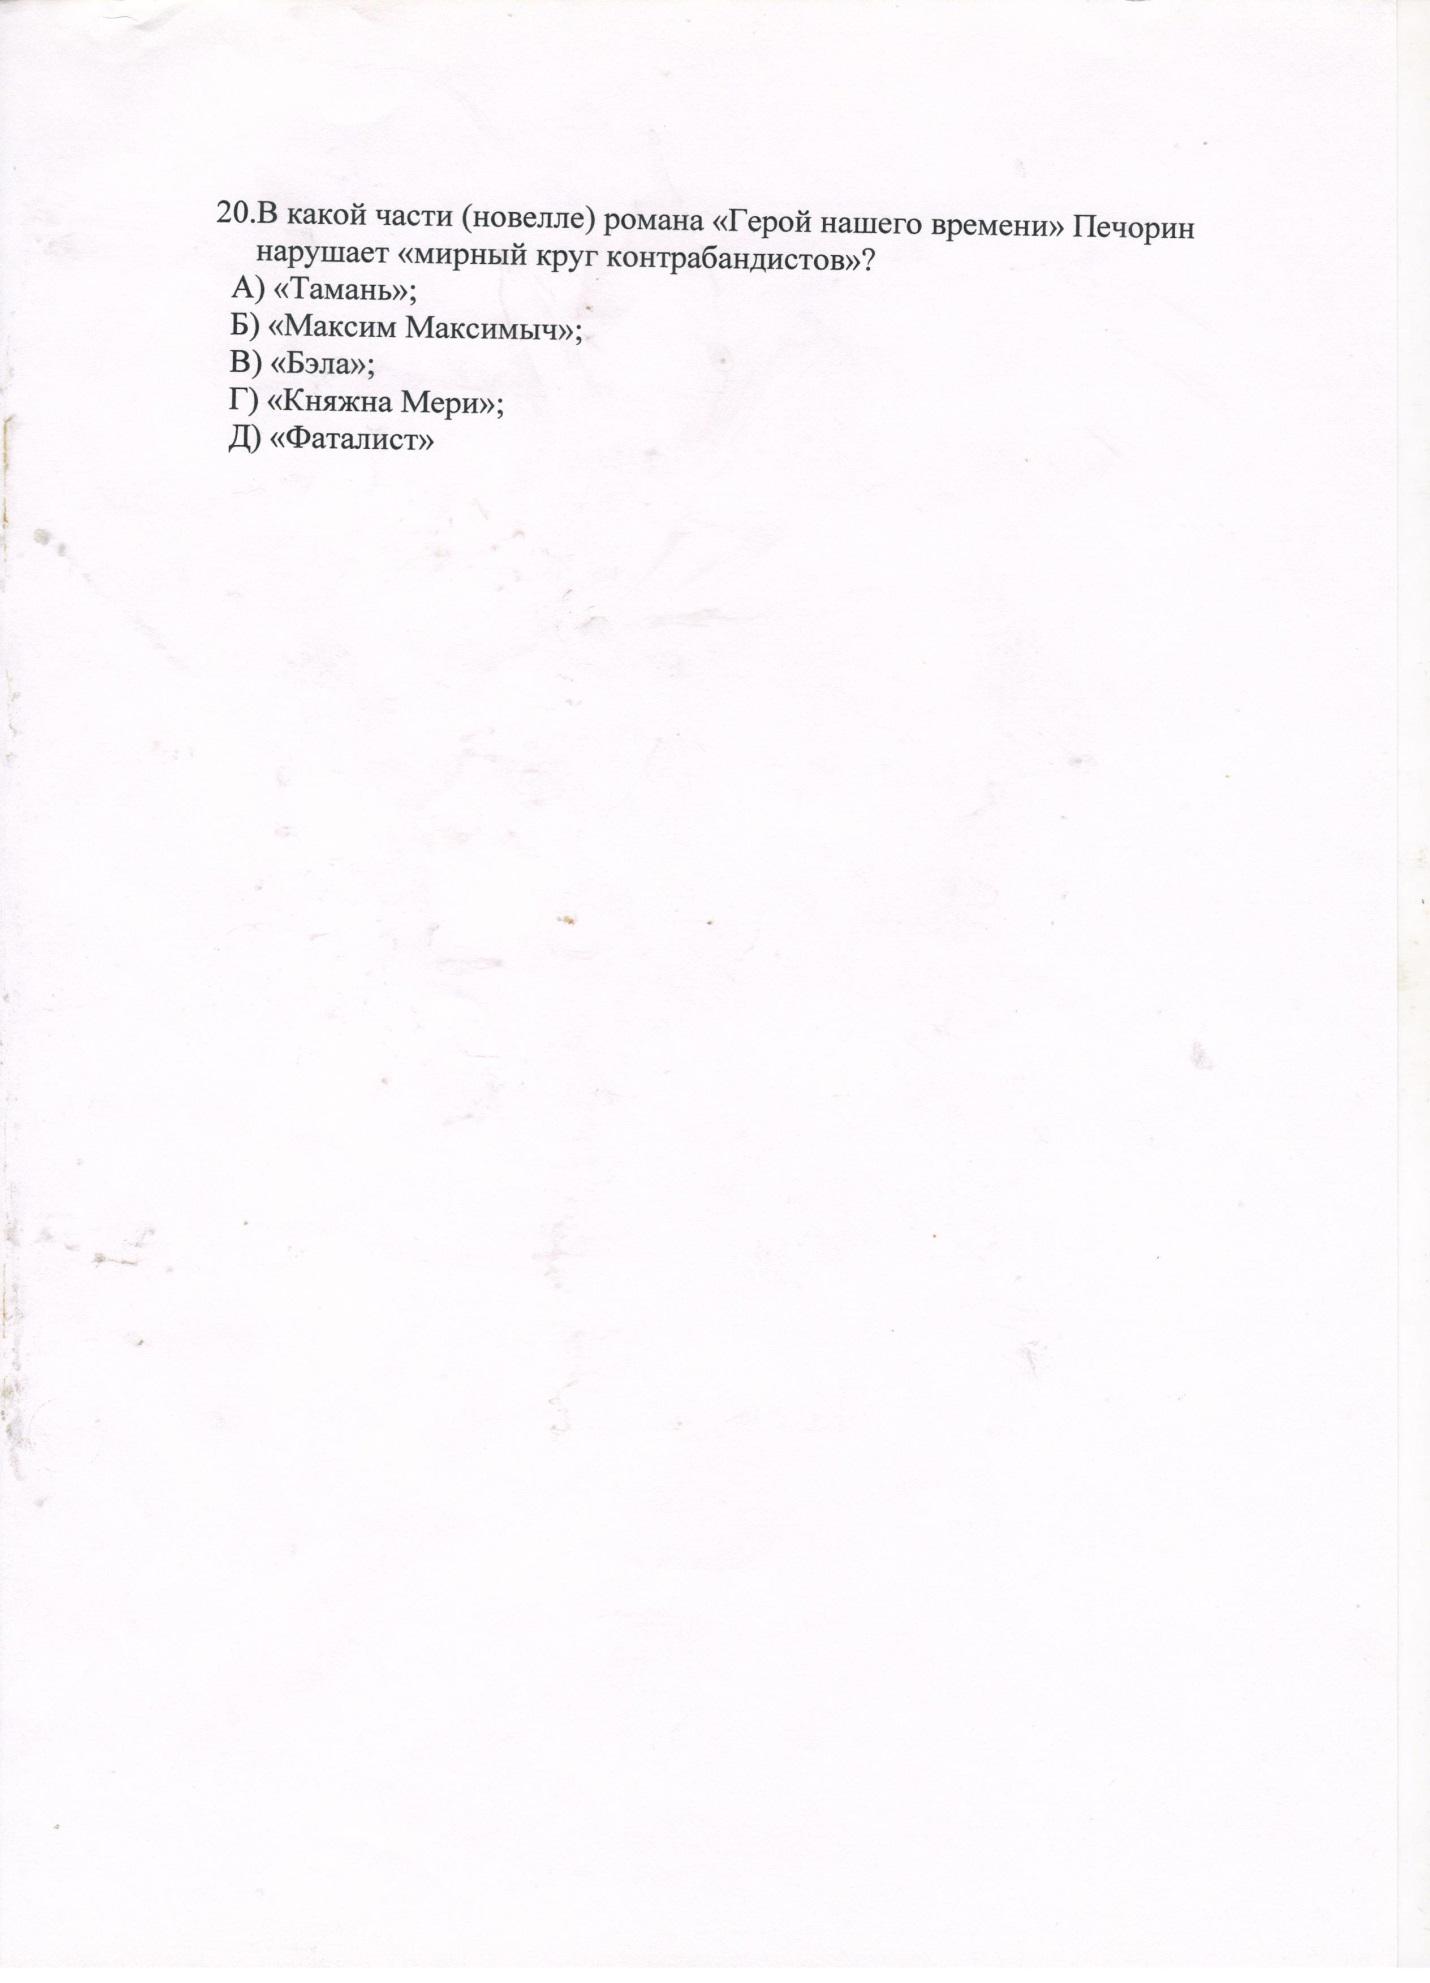 C:\Users\Анара\Documents\Scanned Documents\Рисунок (17).jpg